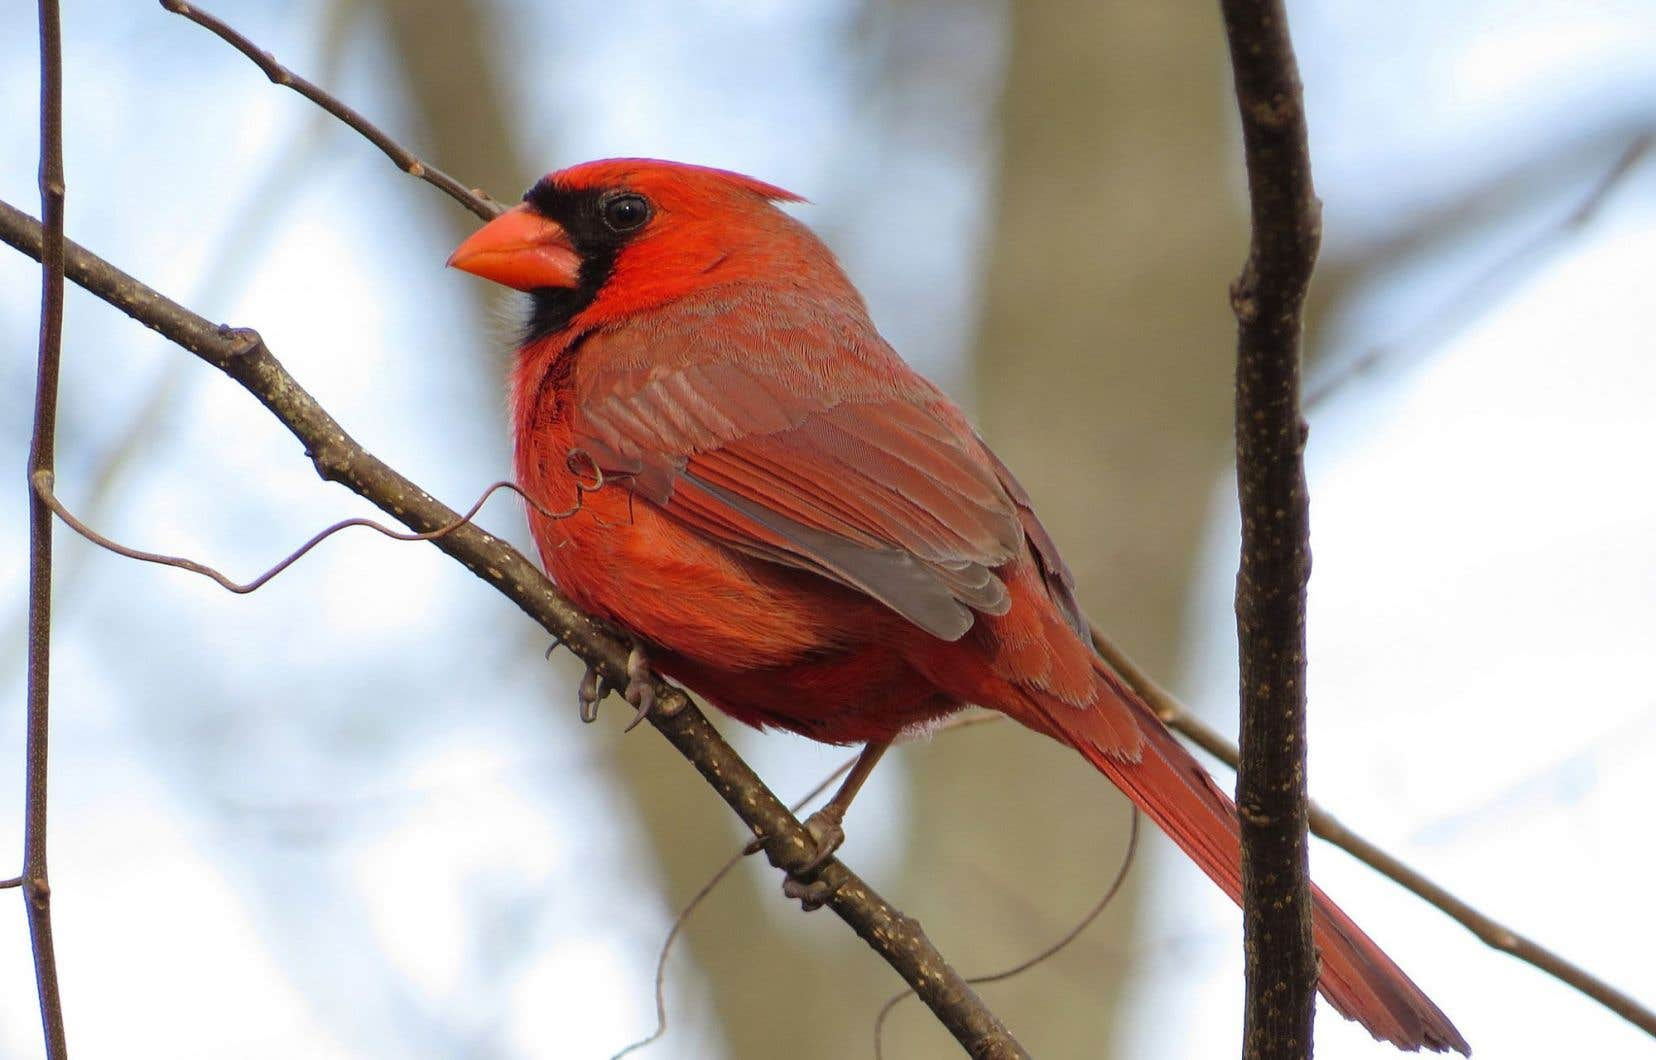 Le cardinal rouge se déplace de plus en plus vers le nord depuis 50 ans.